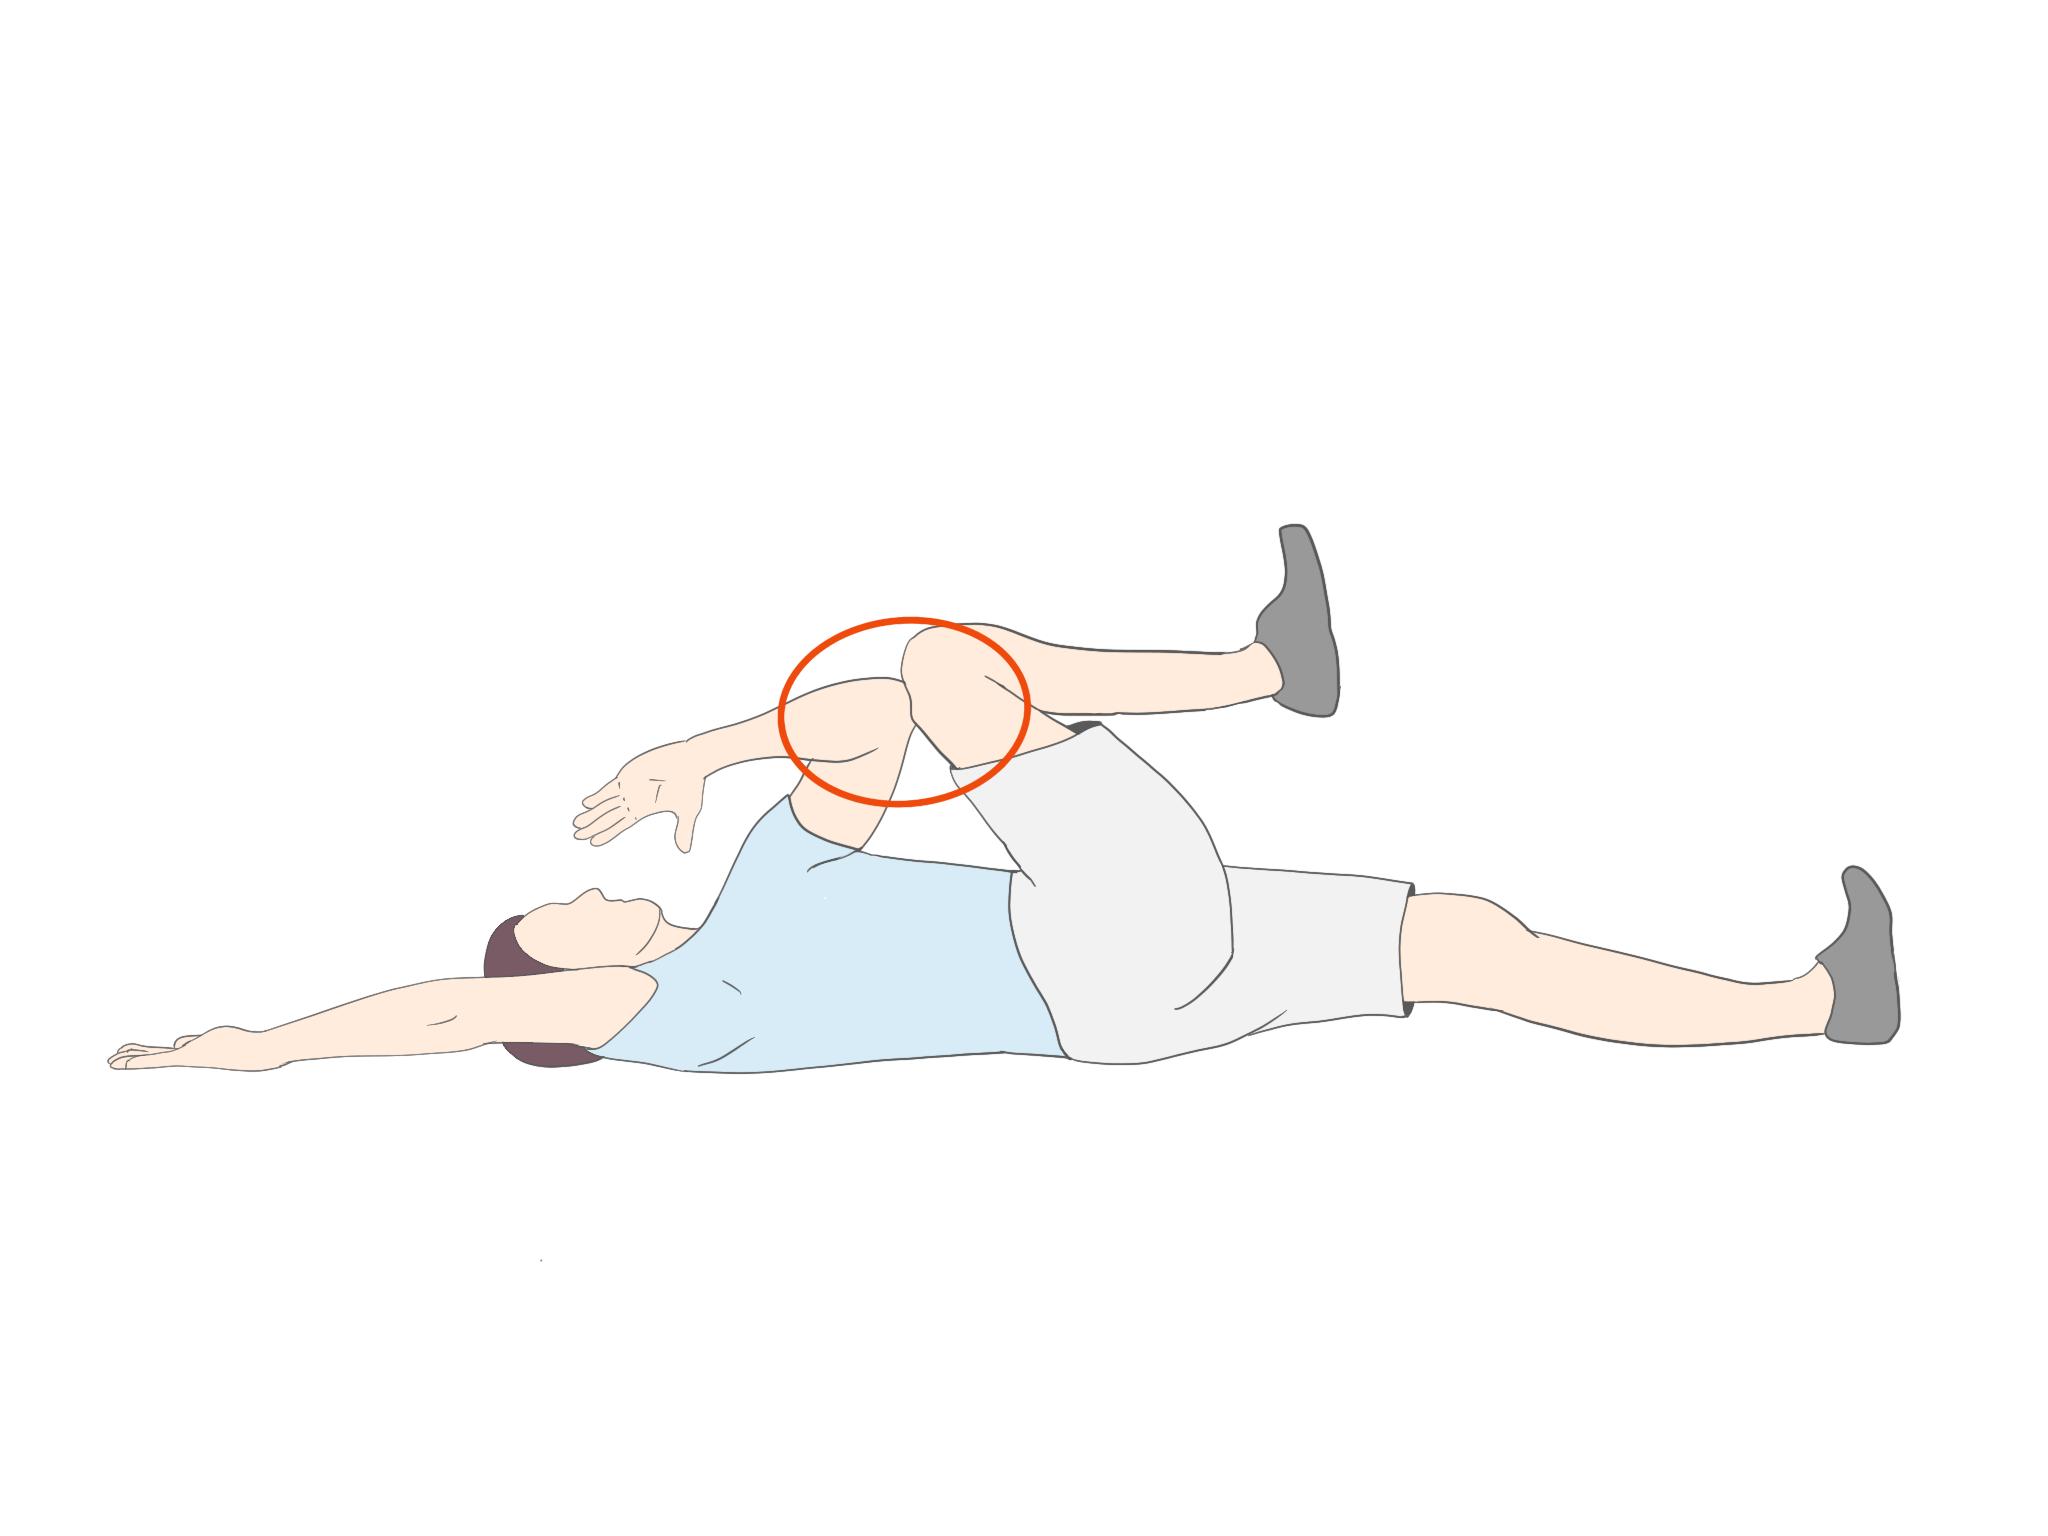 ハードロール【金沢市のアルコット接骨院のパーソナルトレーニング】